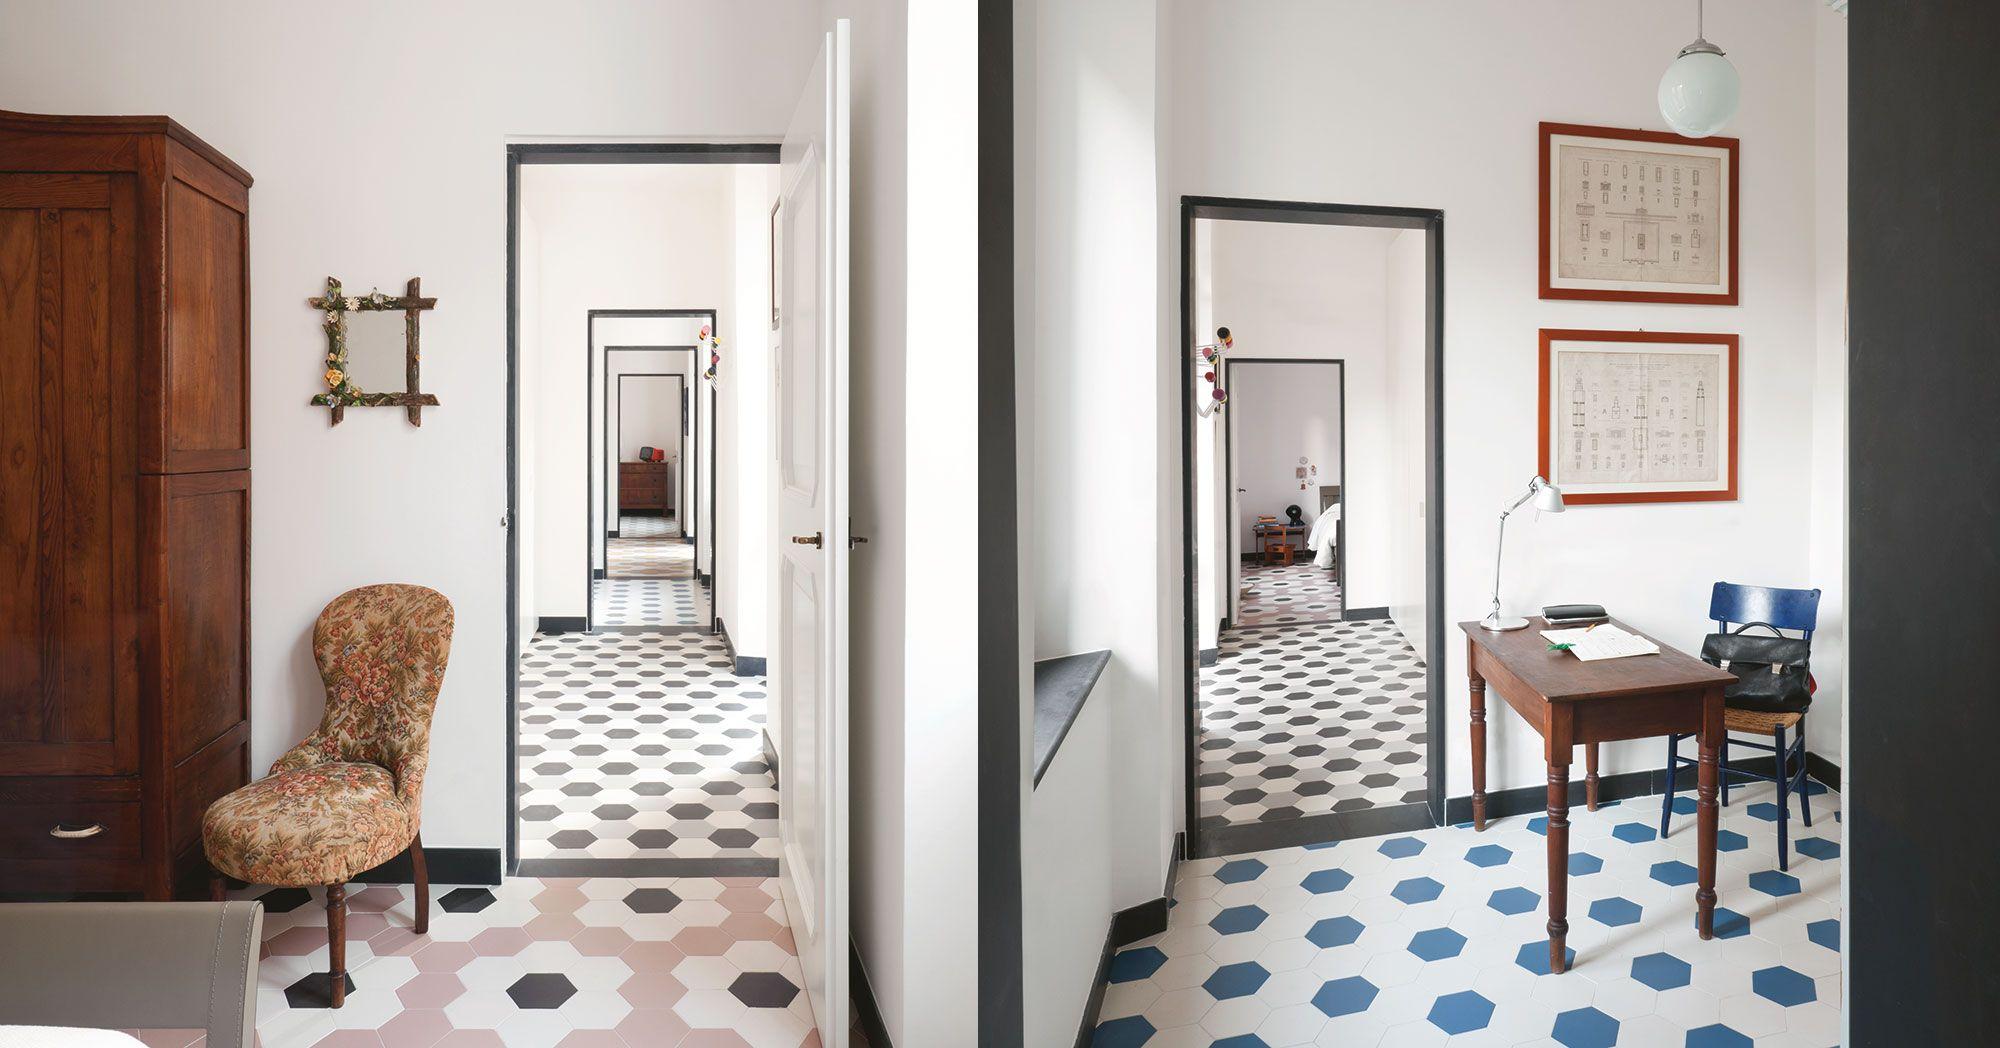 Piastrelle A Nido Dape : Etruria design interior design piastrelle bagni e